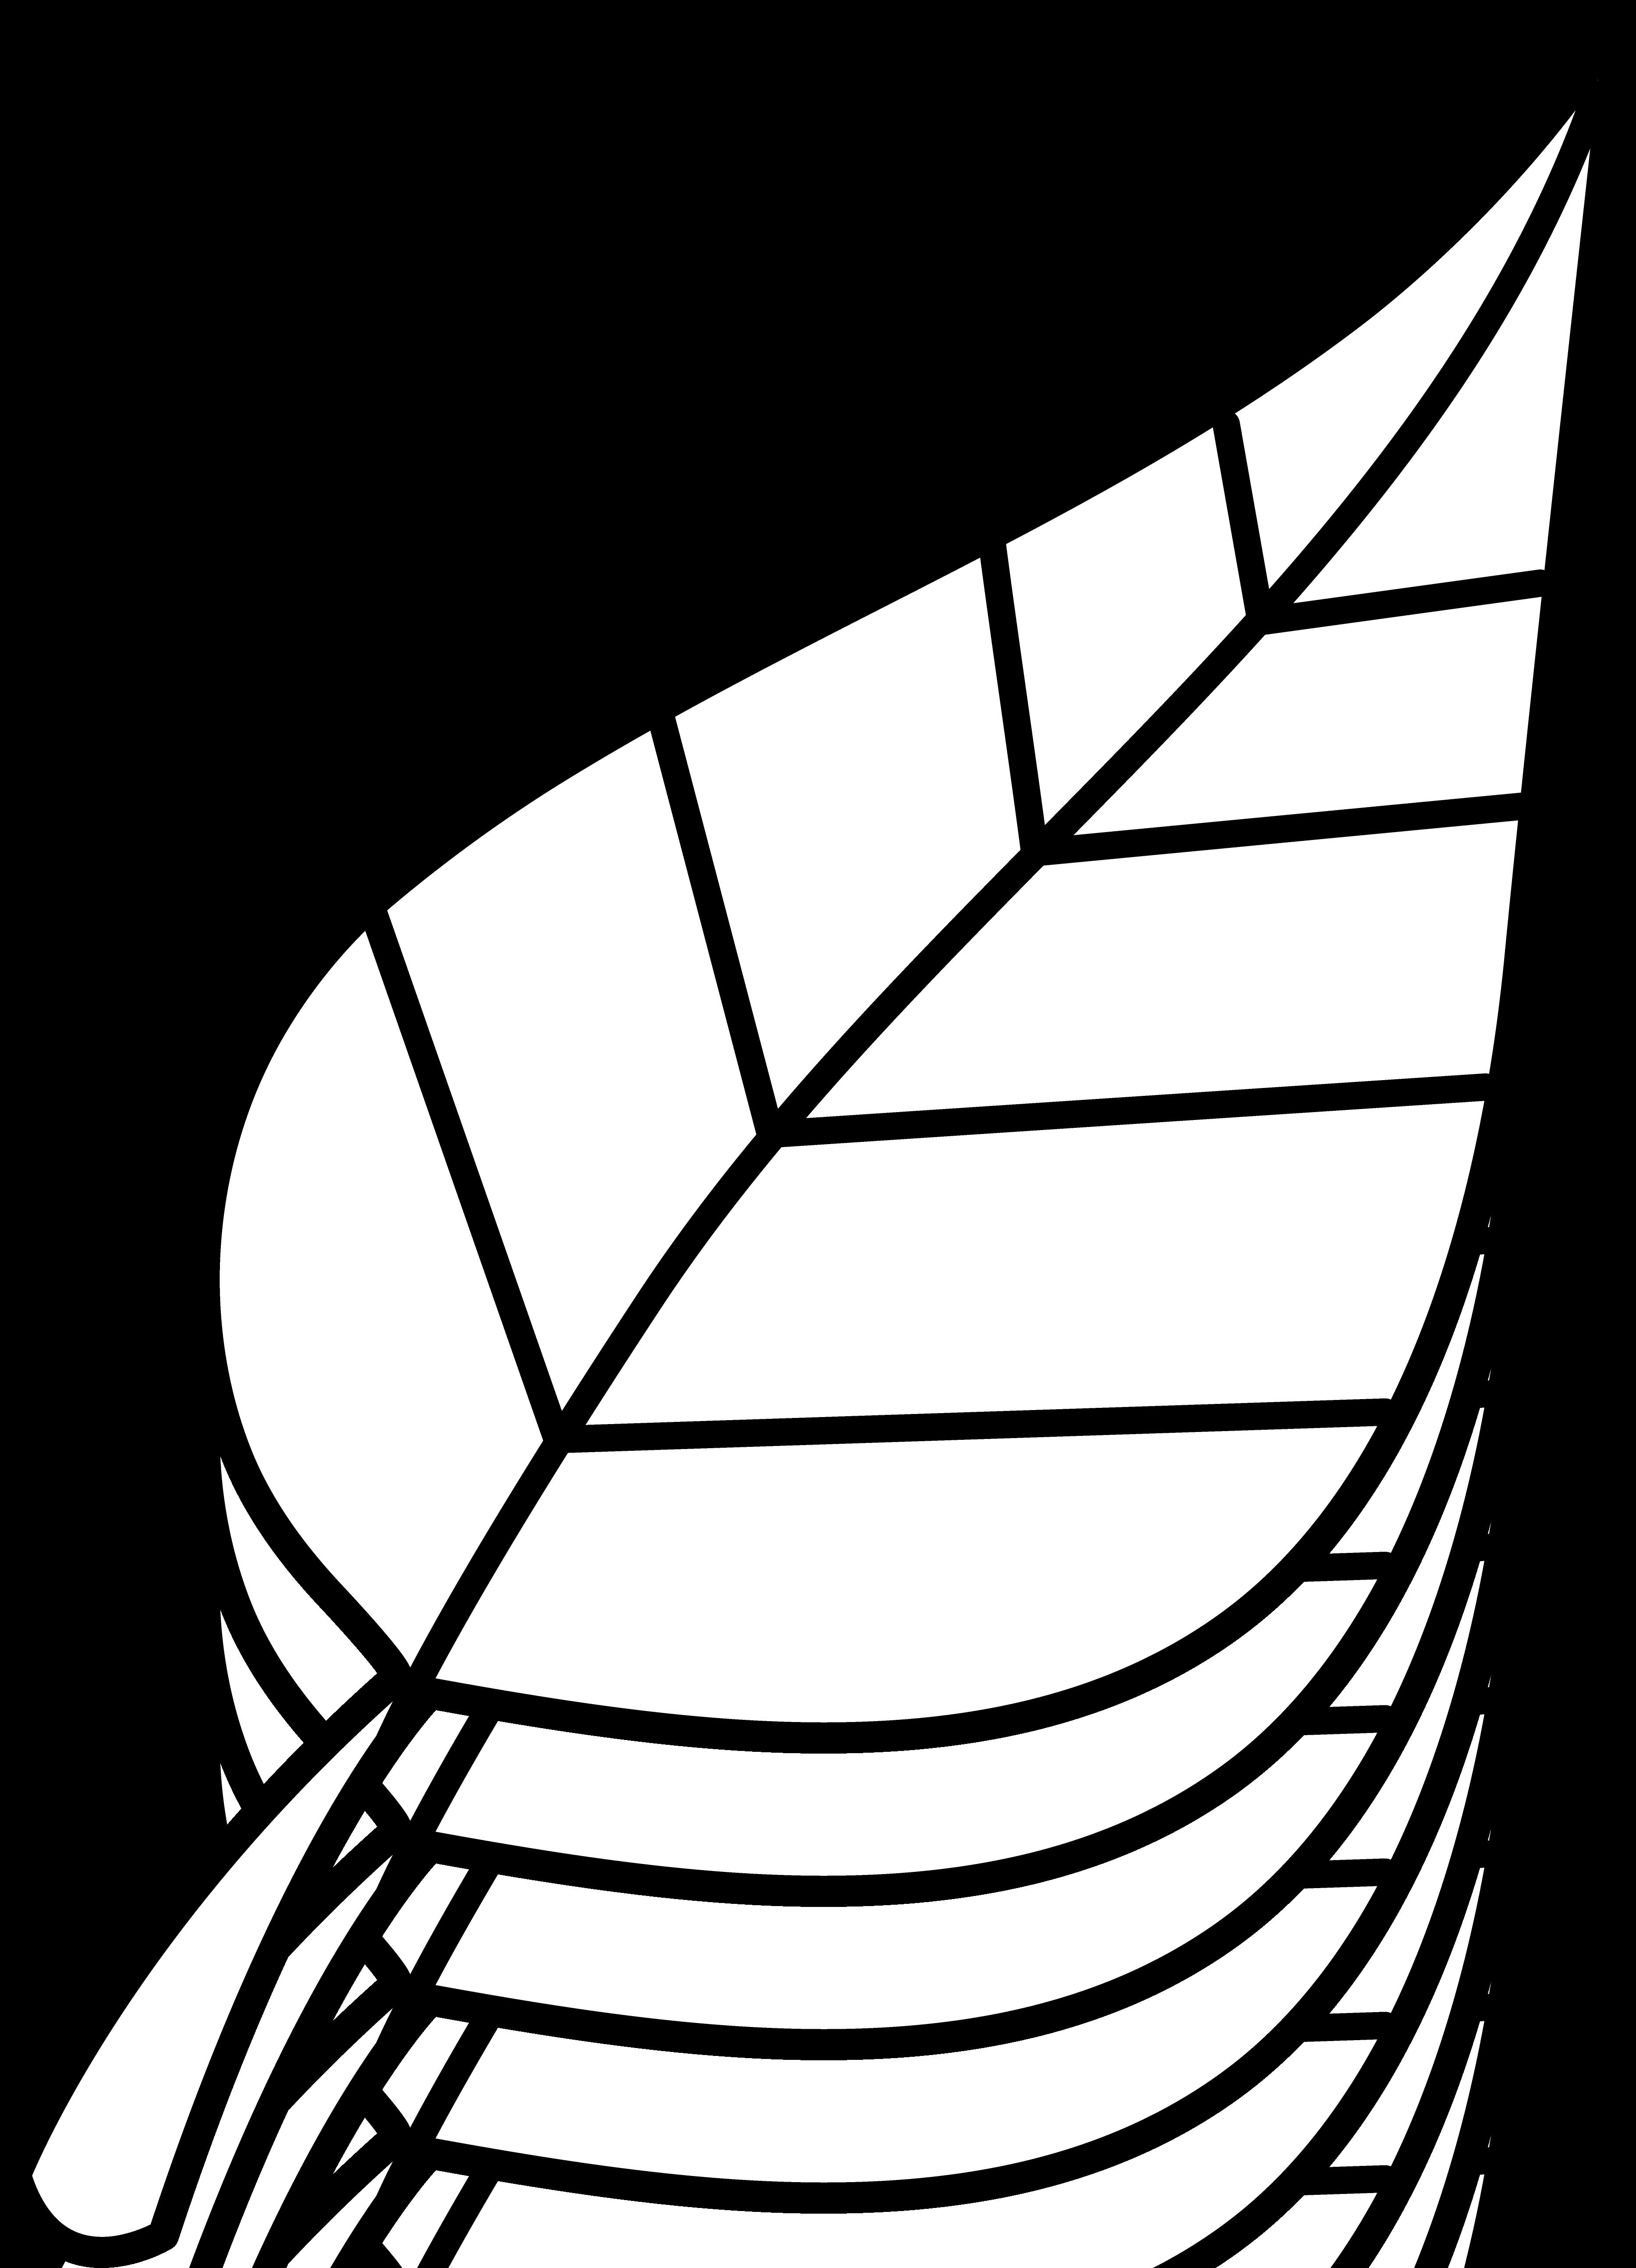 Leaf Clip Art Outline Clipart Panda Free-Leaf Clip Art Outline Clipart Panda Free Clipart Images-5